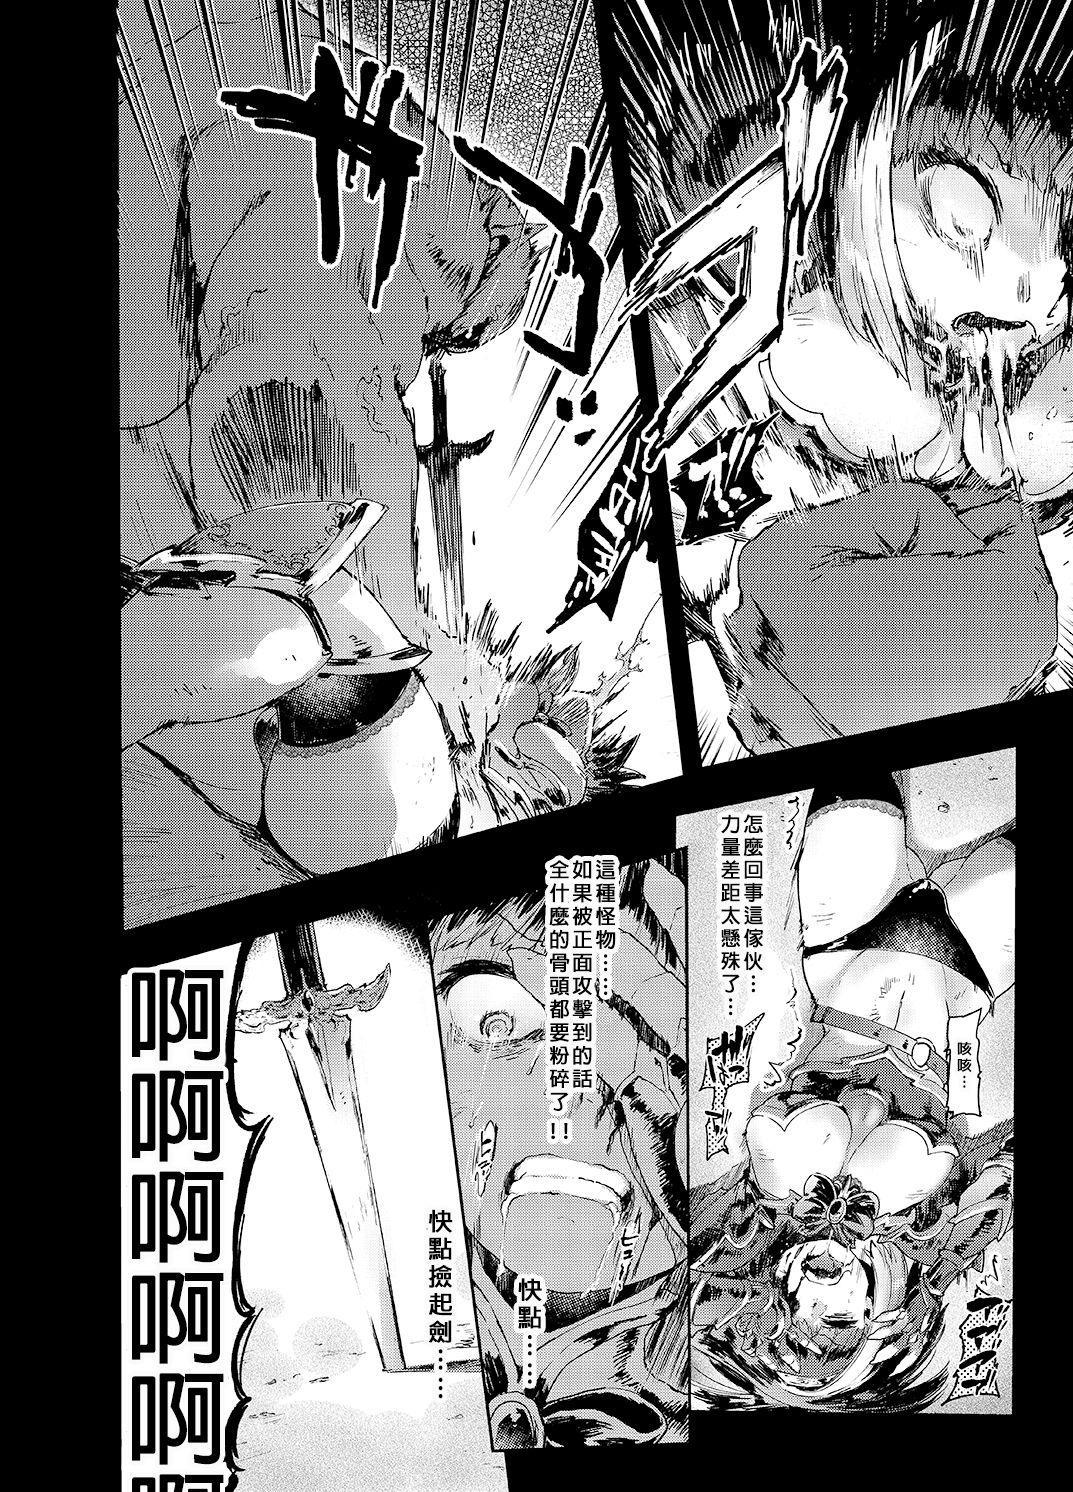 Kishi Jyoku 7